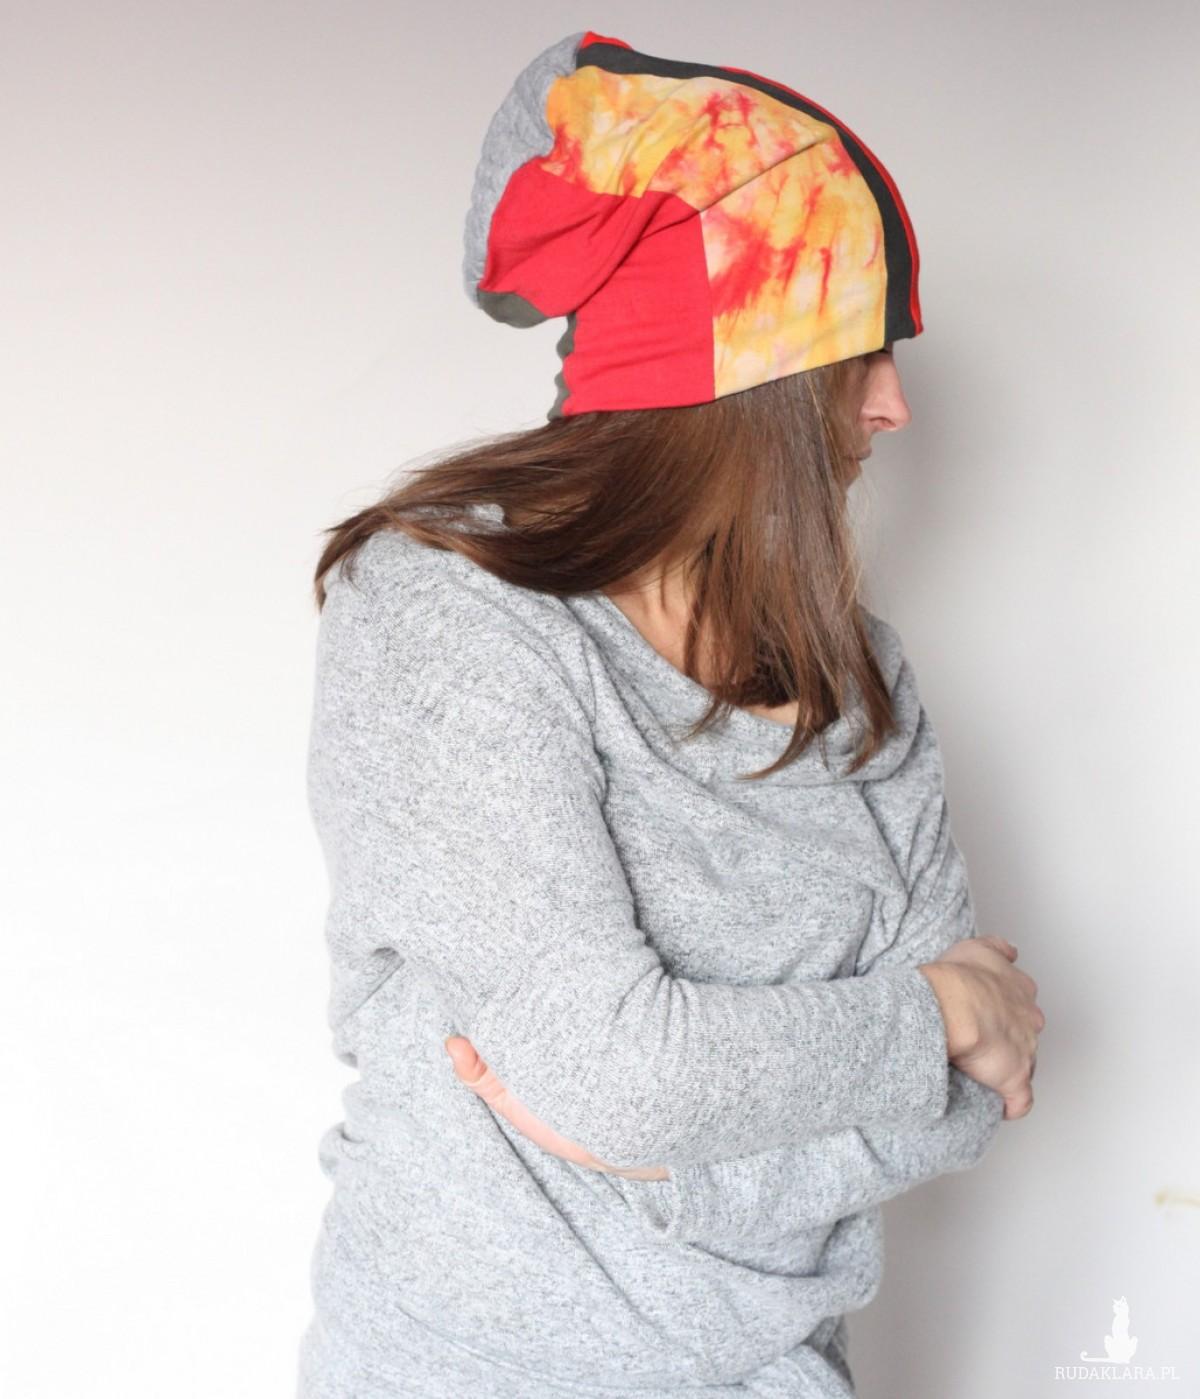 czapka handmade przeszczepie ci organy wandalu zakichany 22